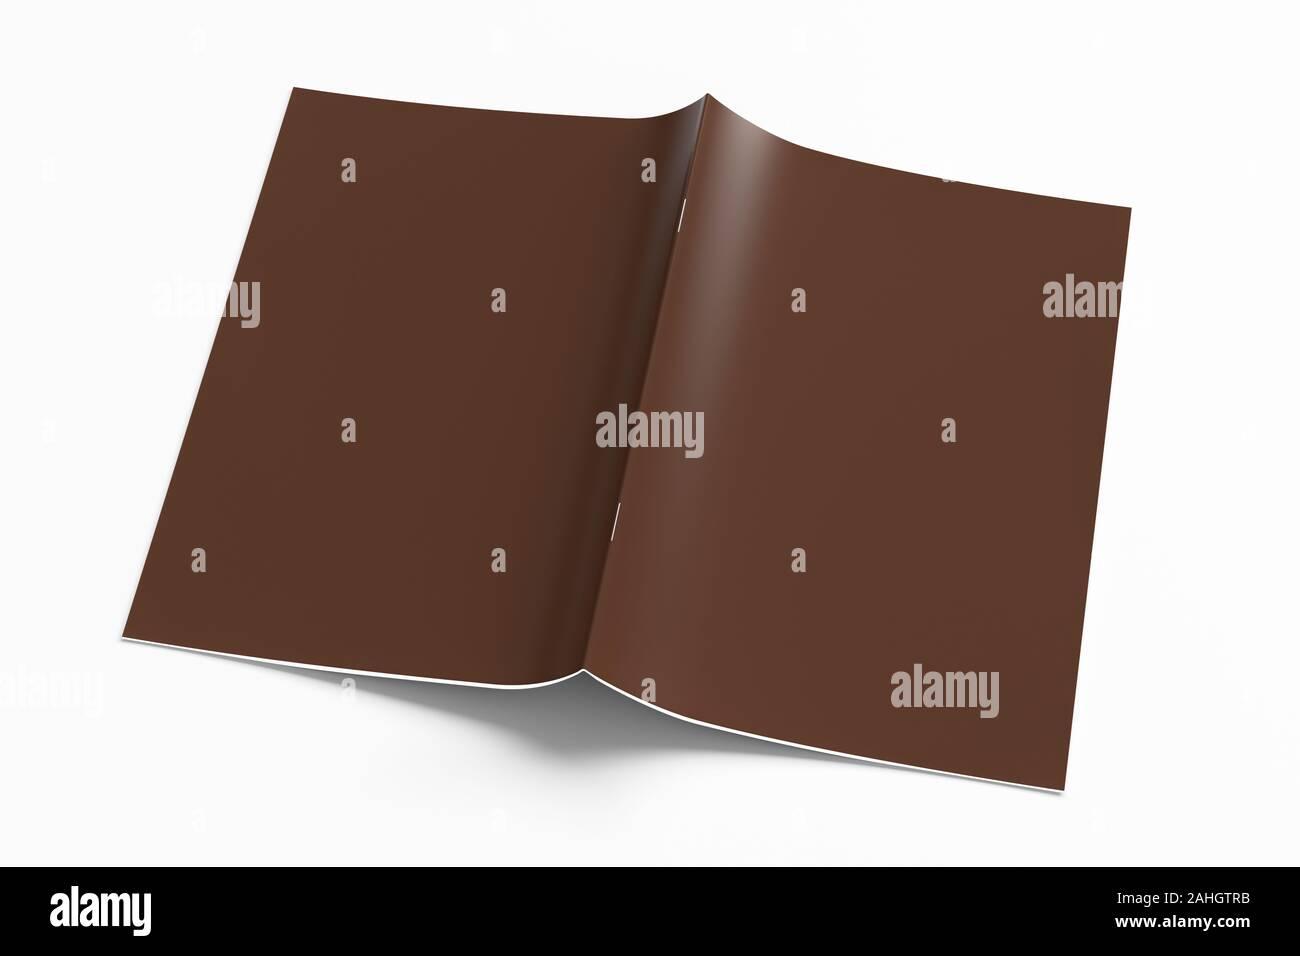 Brown folleto o manual cubierta maqueta en blanco. Folleto está abierto y boca abajo. Aislada con trazado de recorte alrededor de folleto. 3d illustratuion Foto de stock